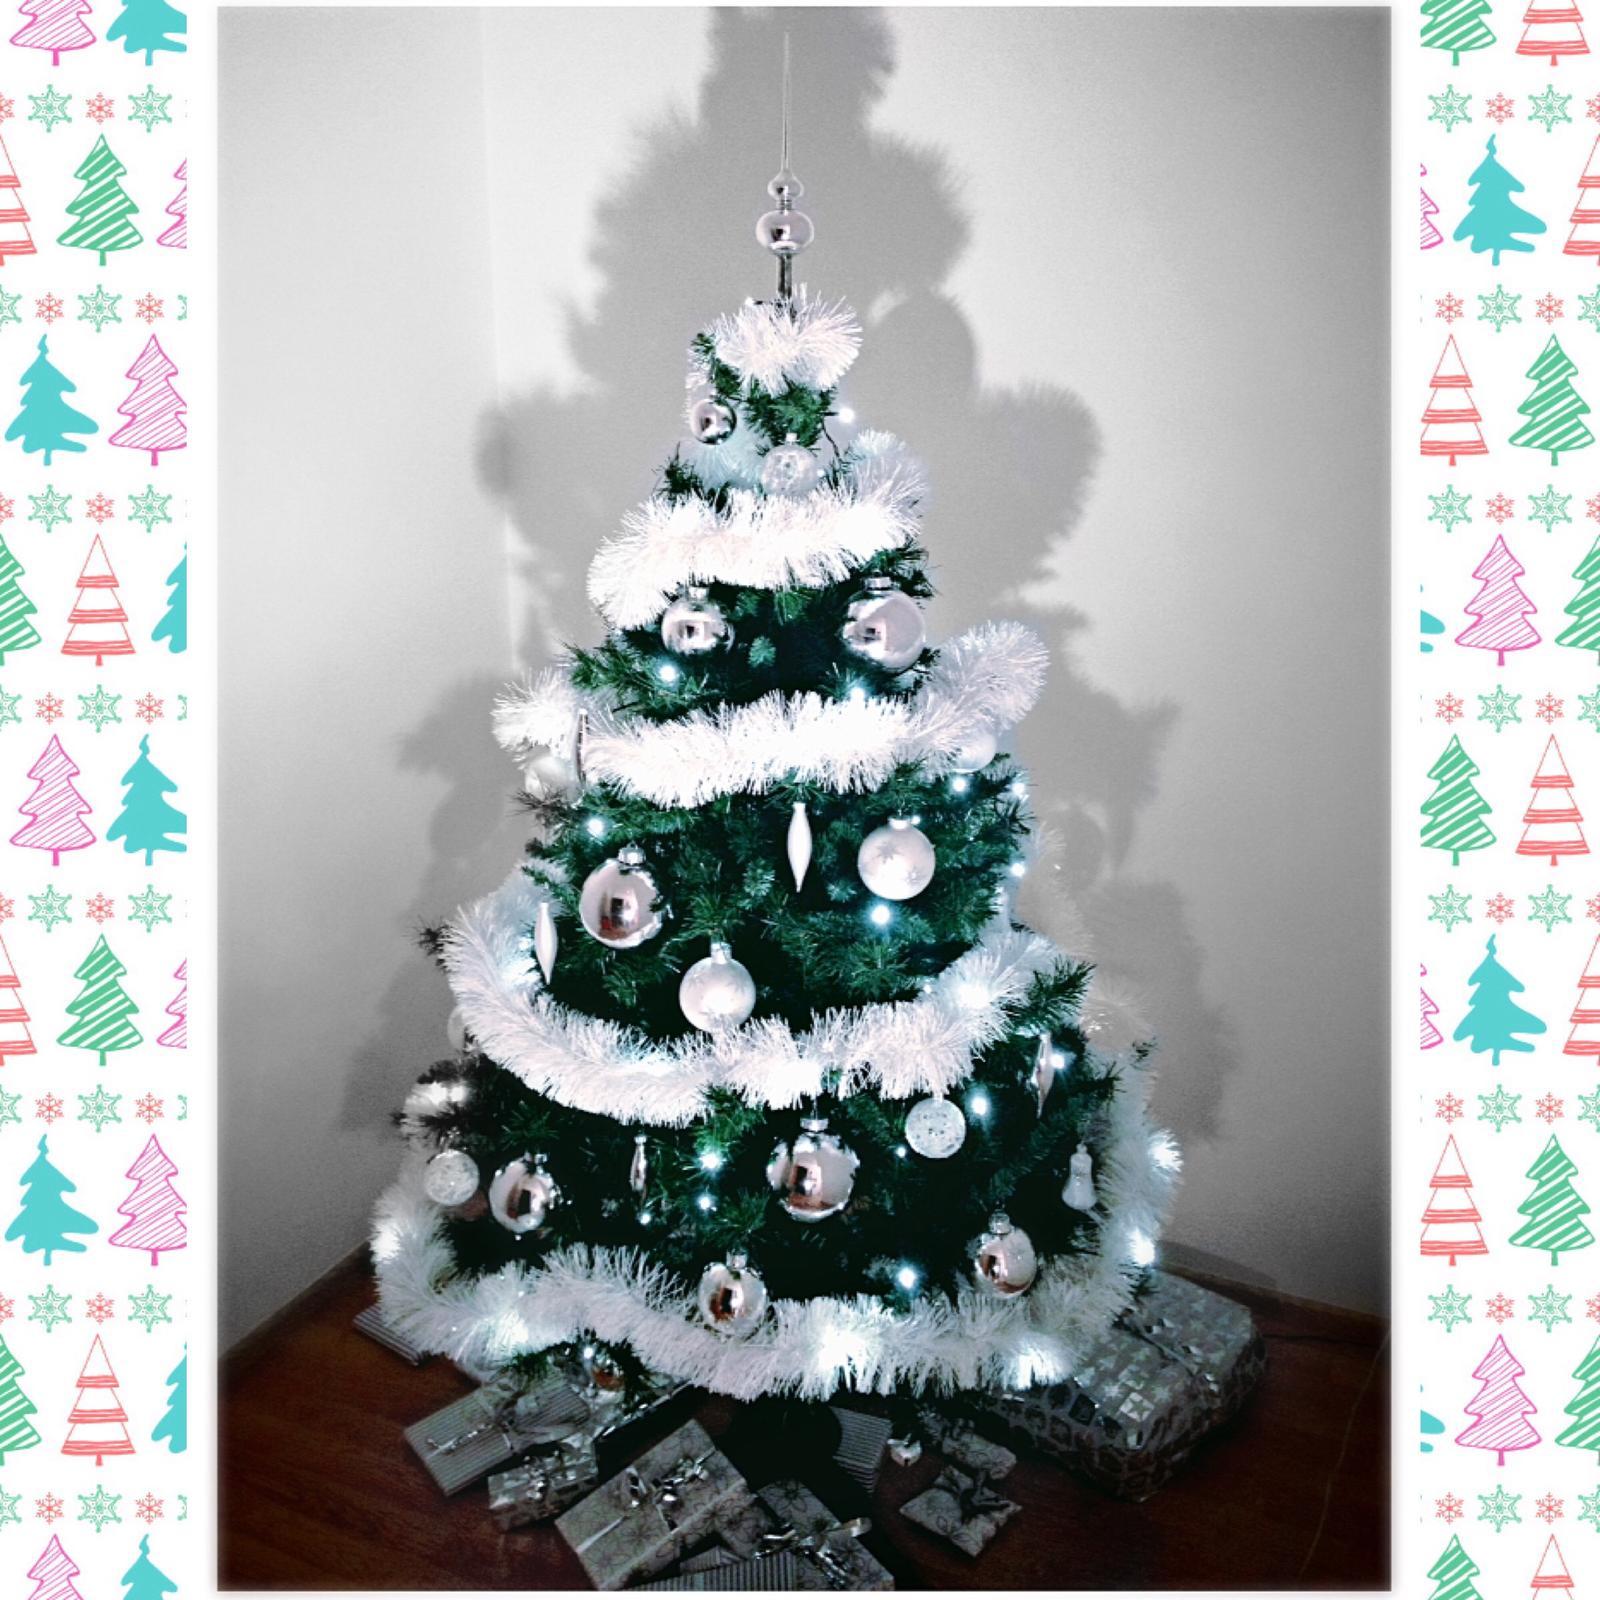 Krásné Vánoce všem střechačkám a střecháčům, nadále mnoho sil a trpělivosti se stavením domečků a rekonstrukcí bytečků ! :-) - Obrázek č. 1